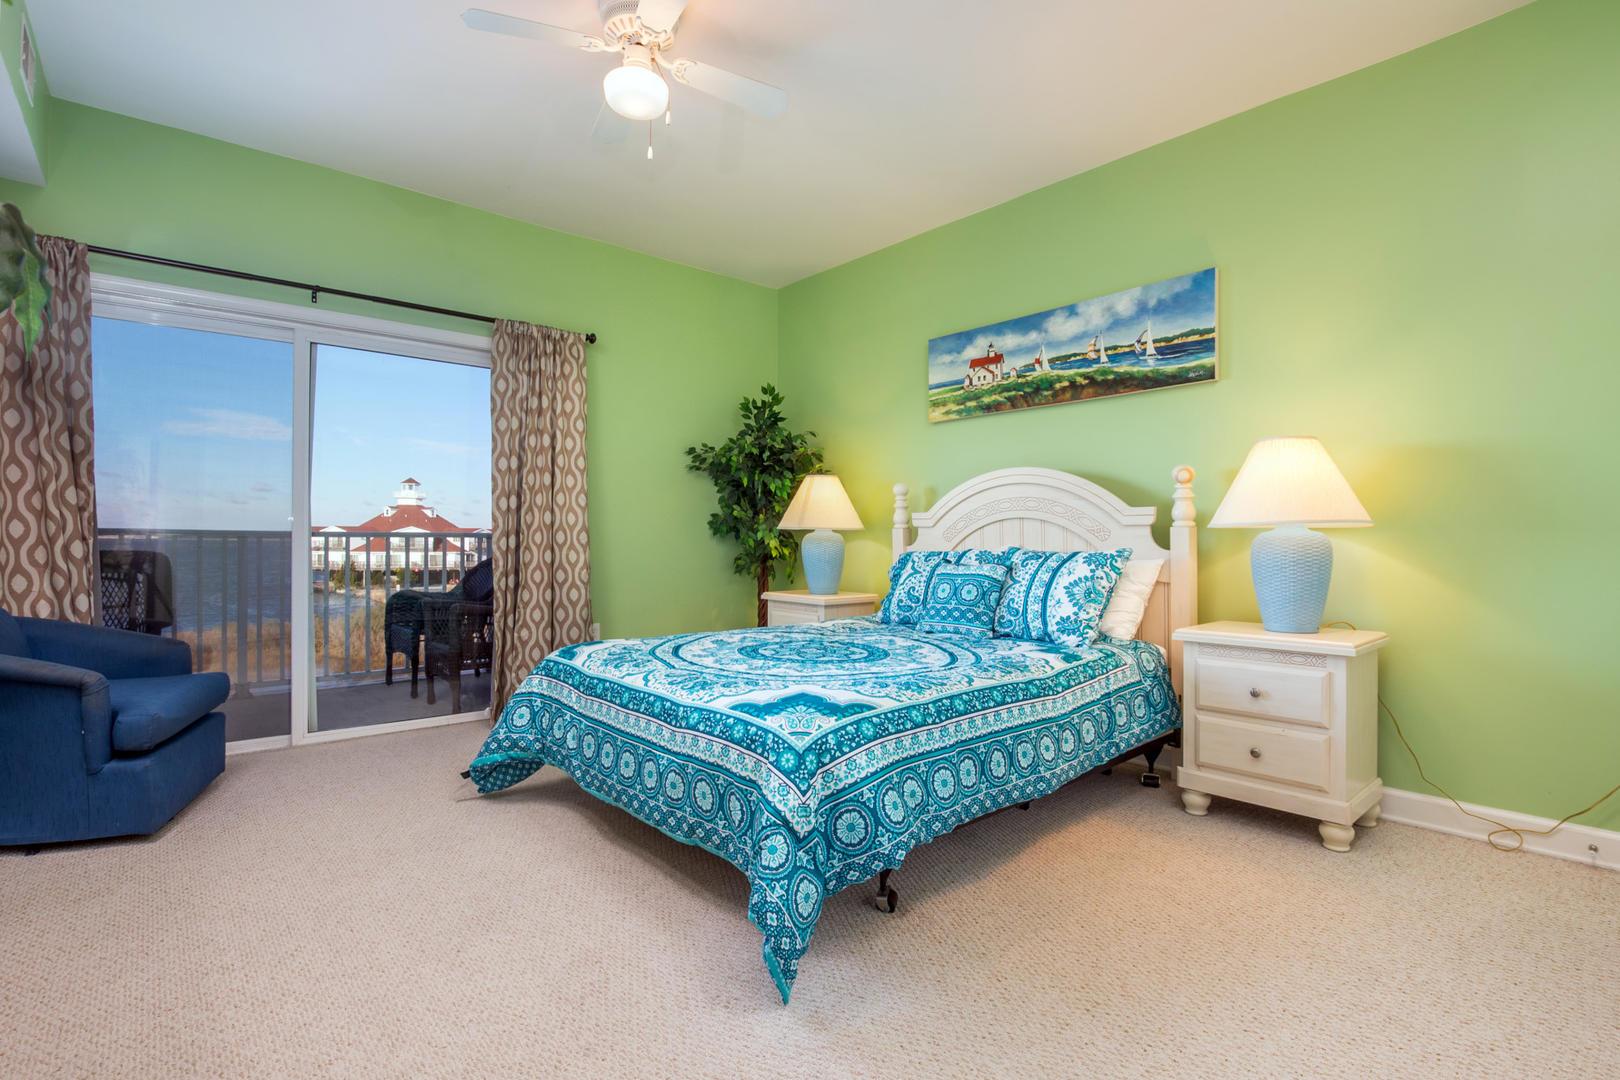 Maresol 309 - Master Bedroom